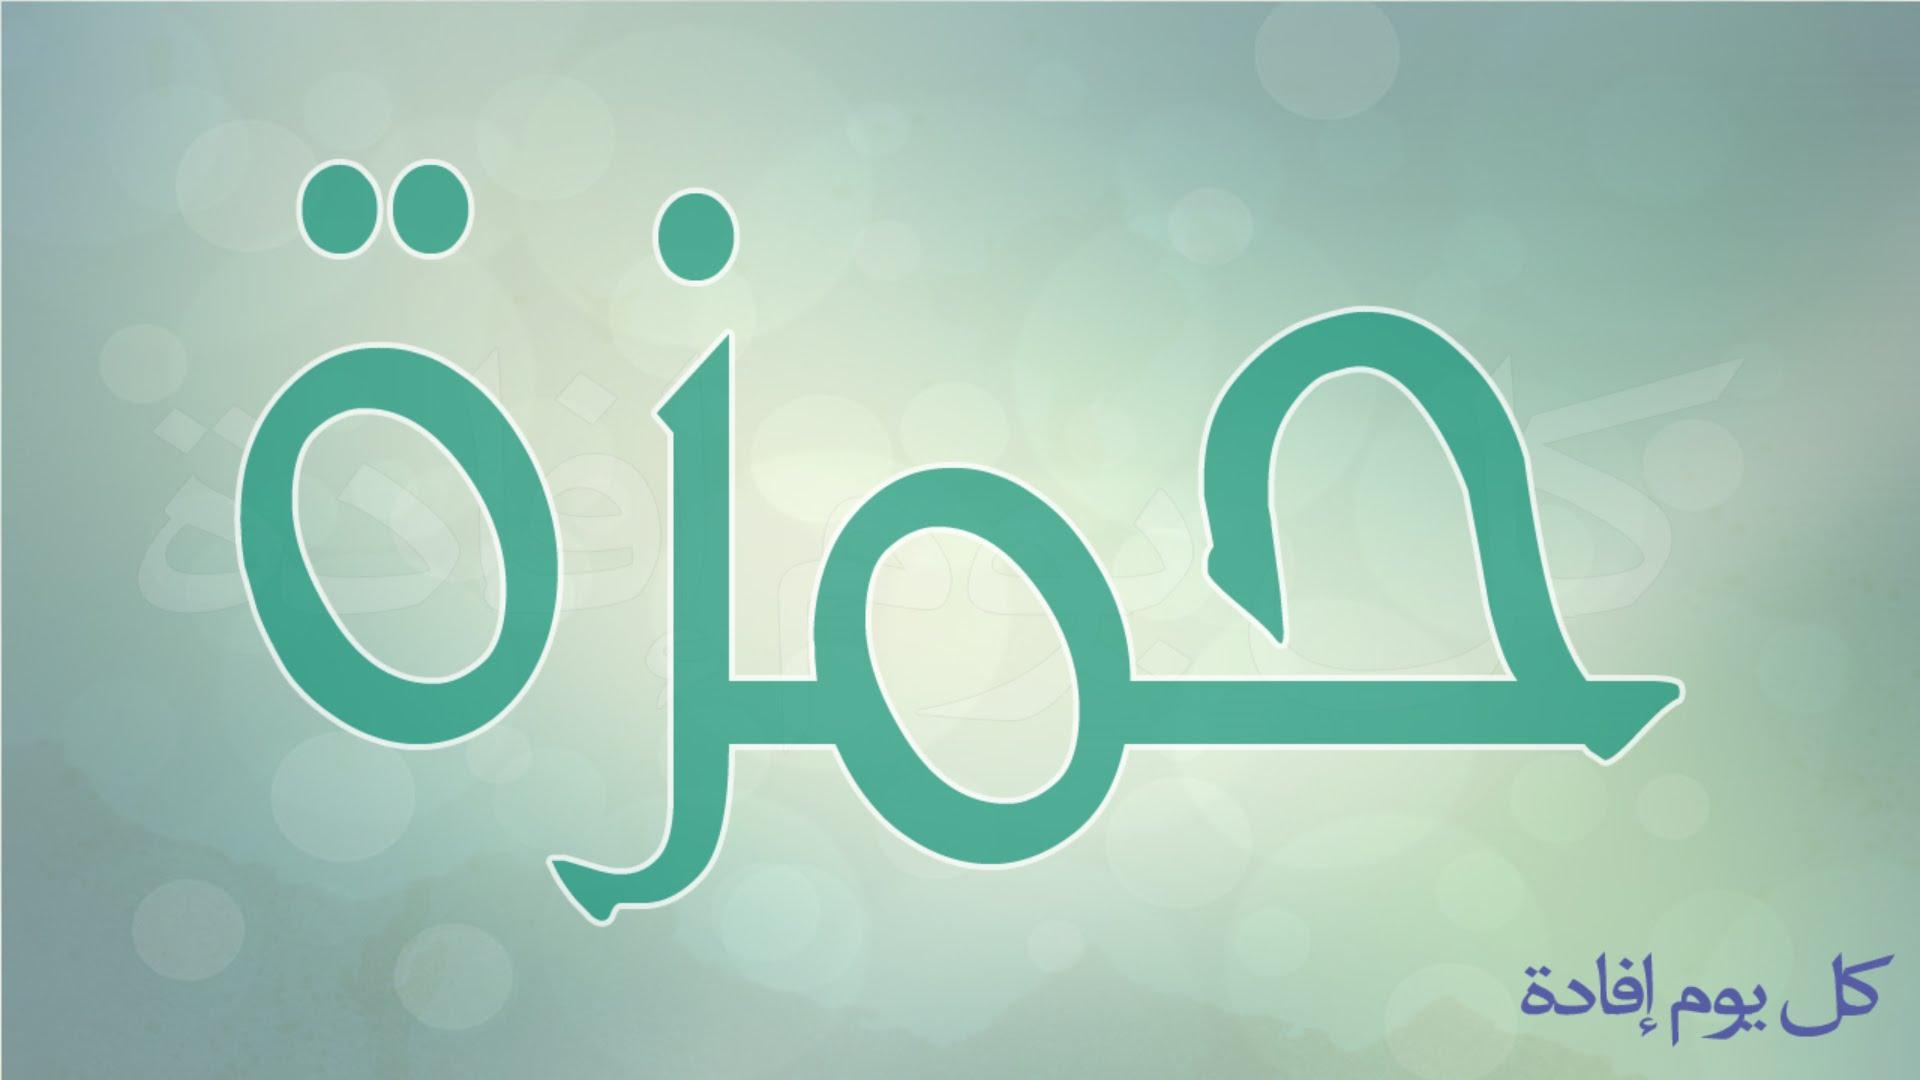 بالصور معنى اسم حمزة , اسماء مقتبسه من الصحابه 1706